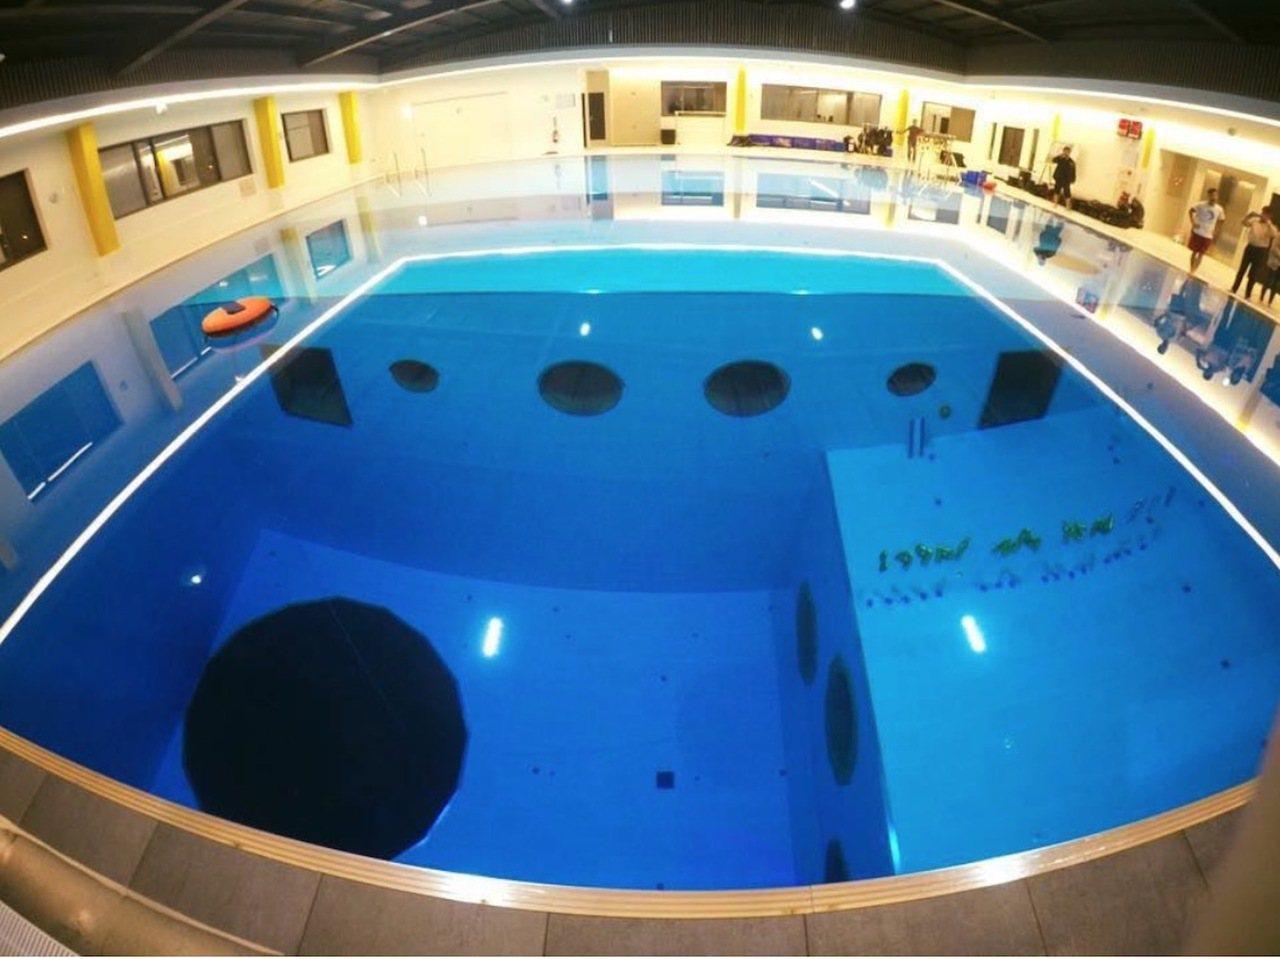 台中市西屯區安和西路一家潛水旅館,今天中午傳出有潛客溺水的意外。圖/摘自業者官網